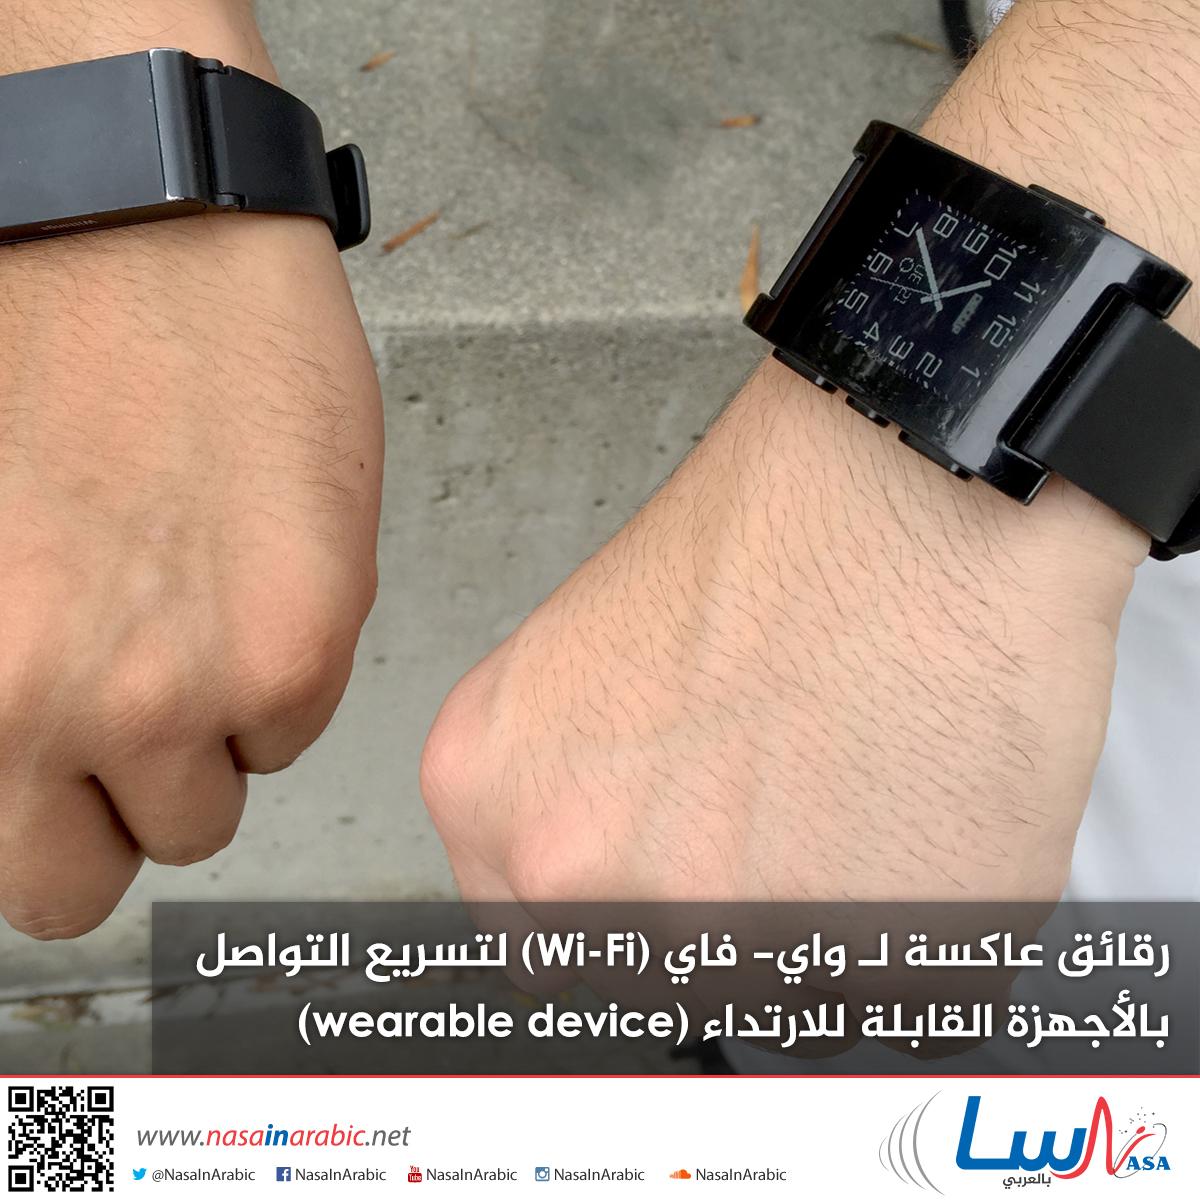 رقائق عاكسة لـ واي- فاي (Wi-Fi) لتسريع التواصل بالأجهزة القابلة للارتداء (wearable device)